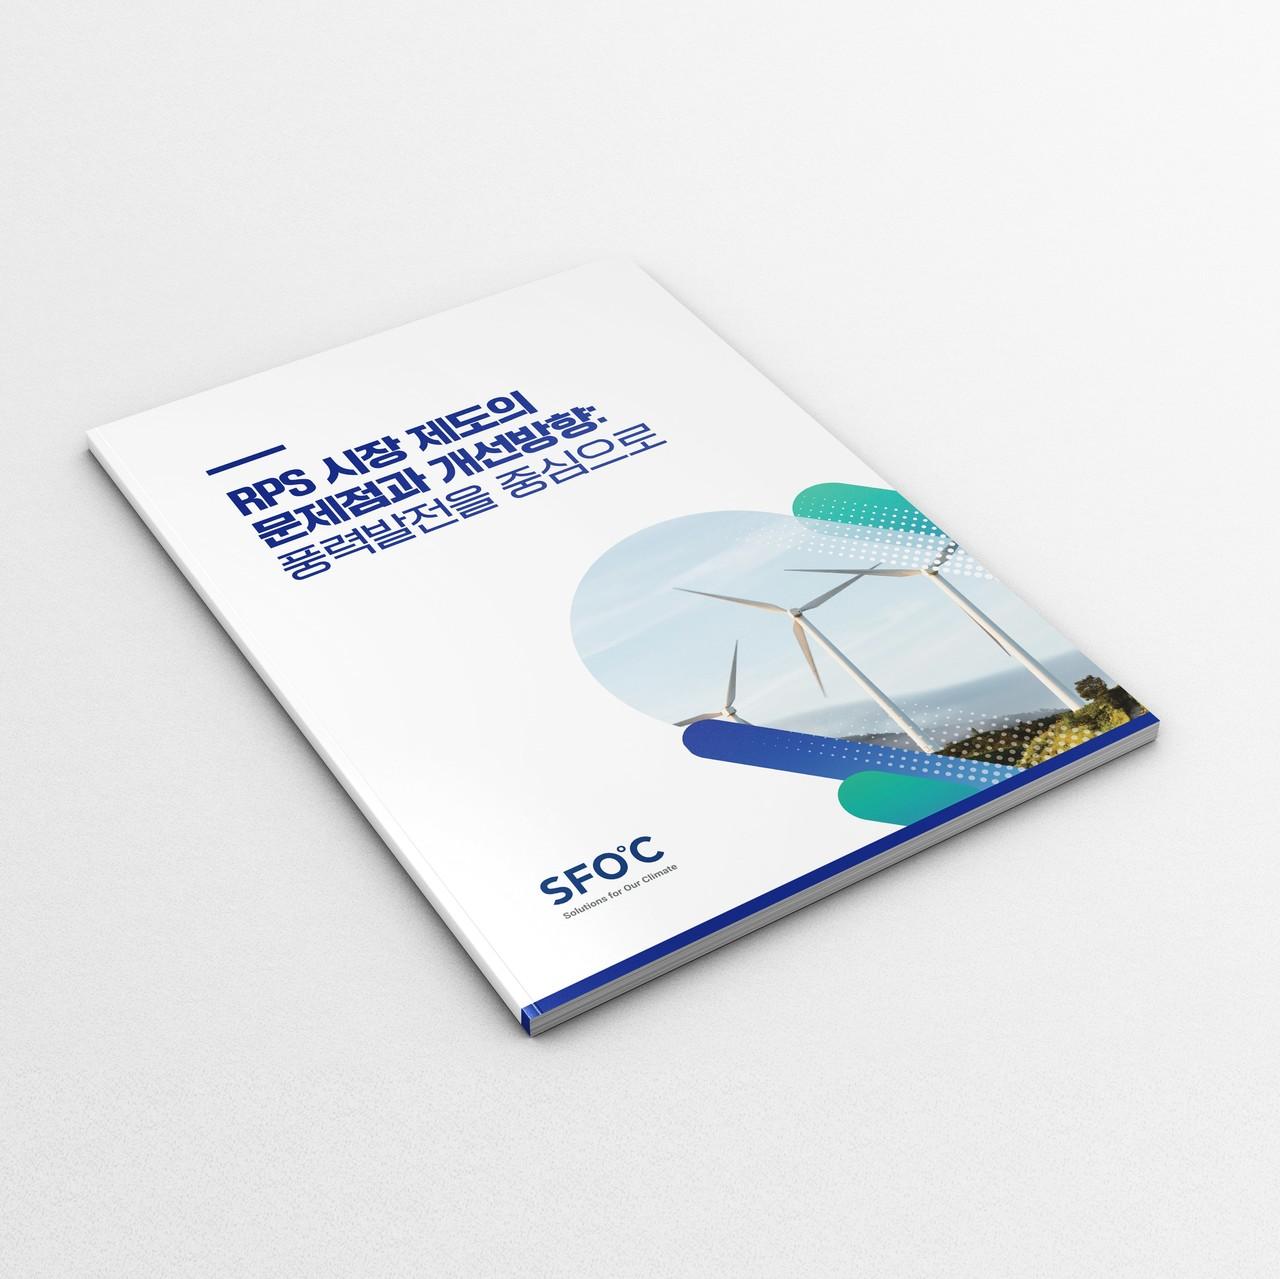 RPS 시장 제도의 문제점과 개선방향 - 기후솔루션